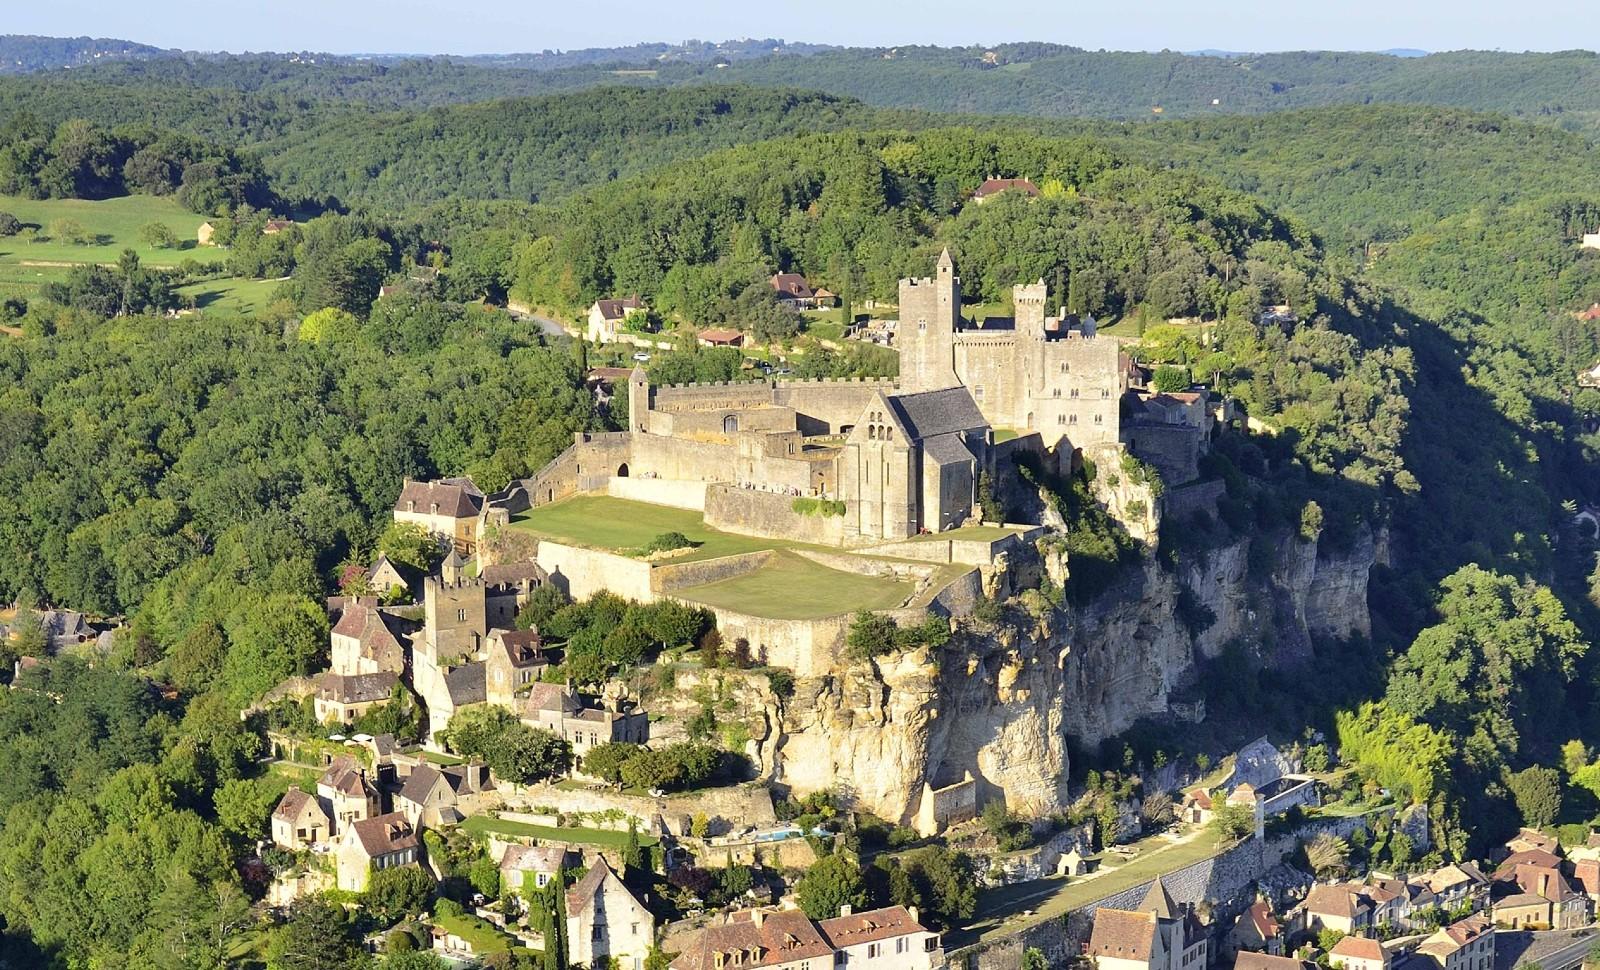 La vallée de Beynac, en Dordogne: le projet de contournement routier de la commune de Beynac, qui risquait de défigurer la vallée, a été annulé par la justice en décembre 2019. © AFP